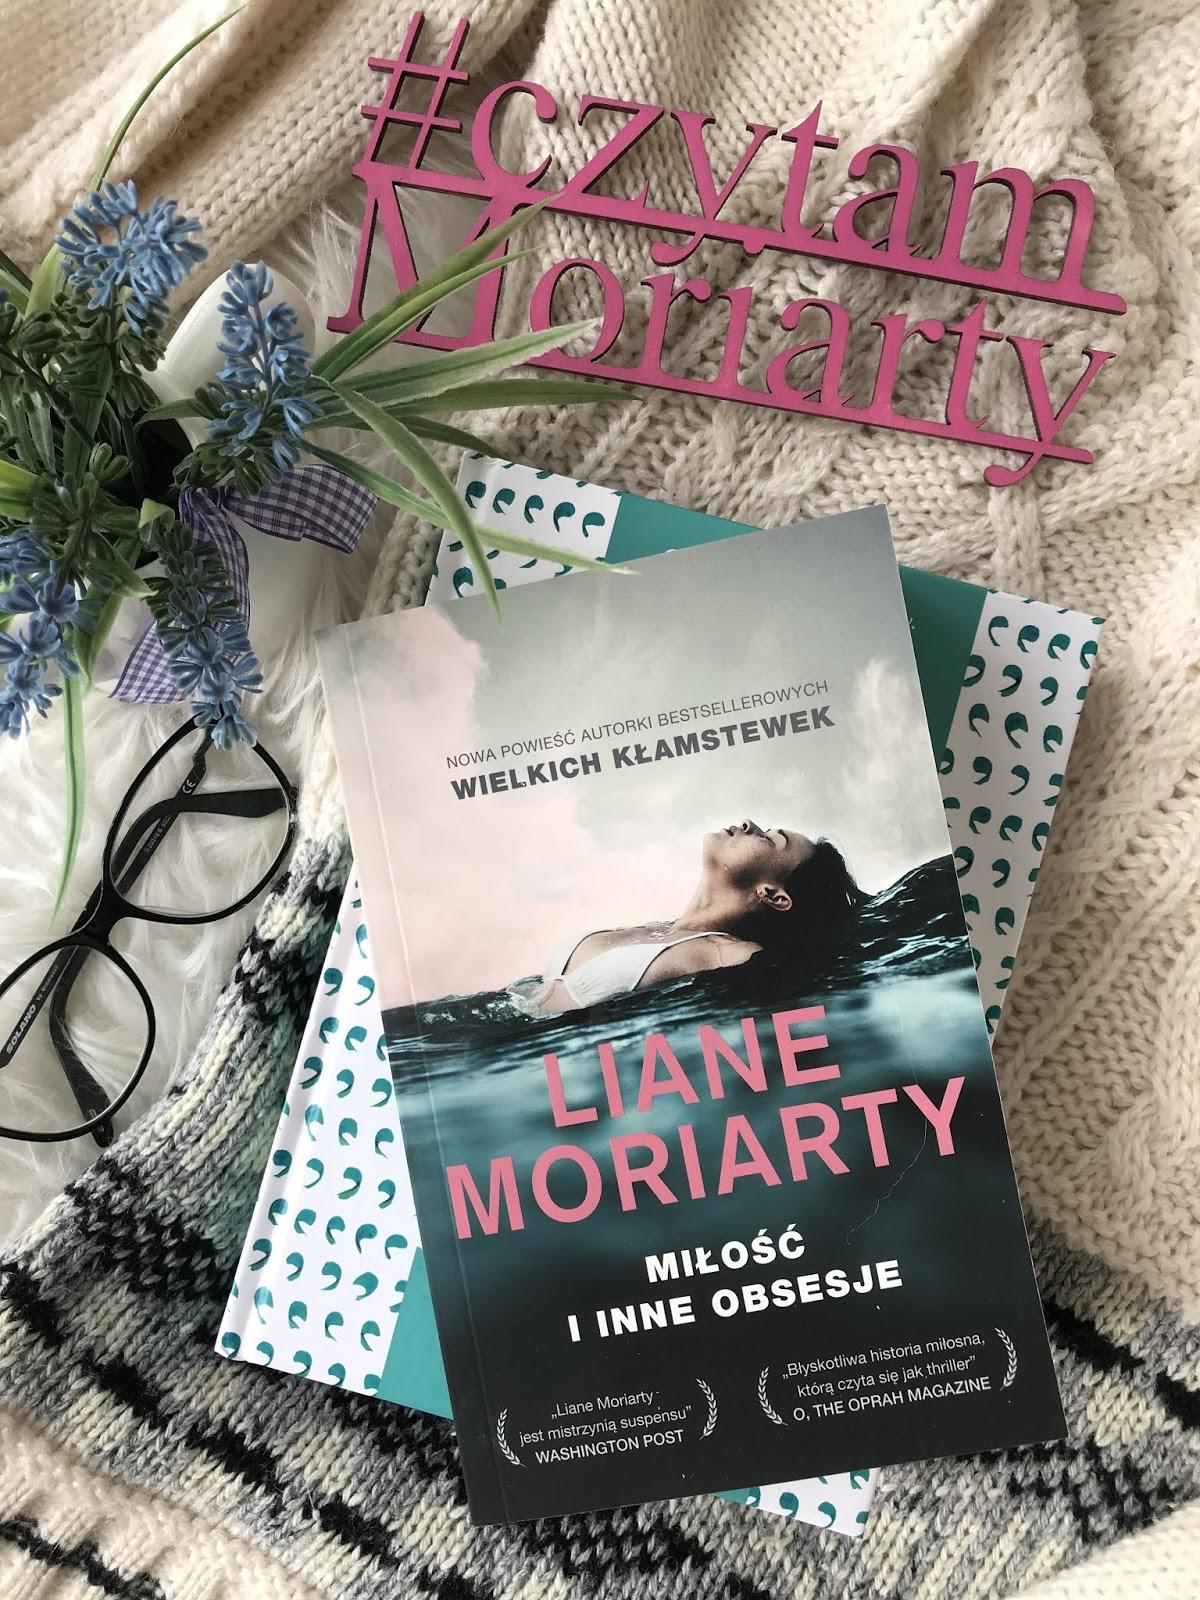 Liane Moriarty, Miłość i inne obsesje [przedpremiera]